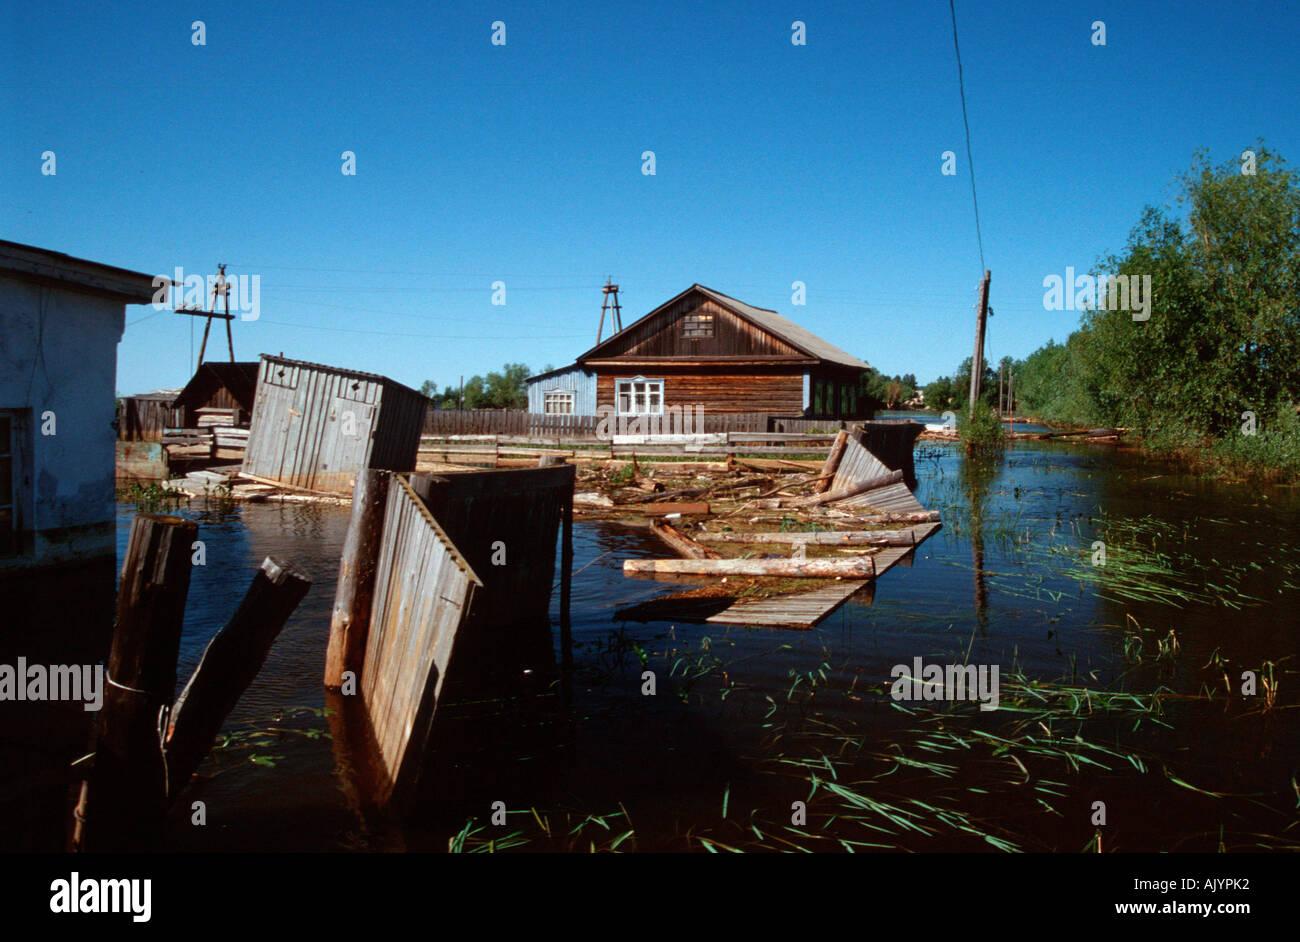 High water / Tobolsk / Hochwasser - Stock Image